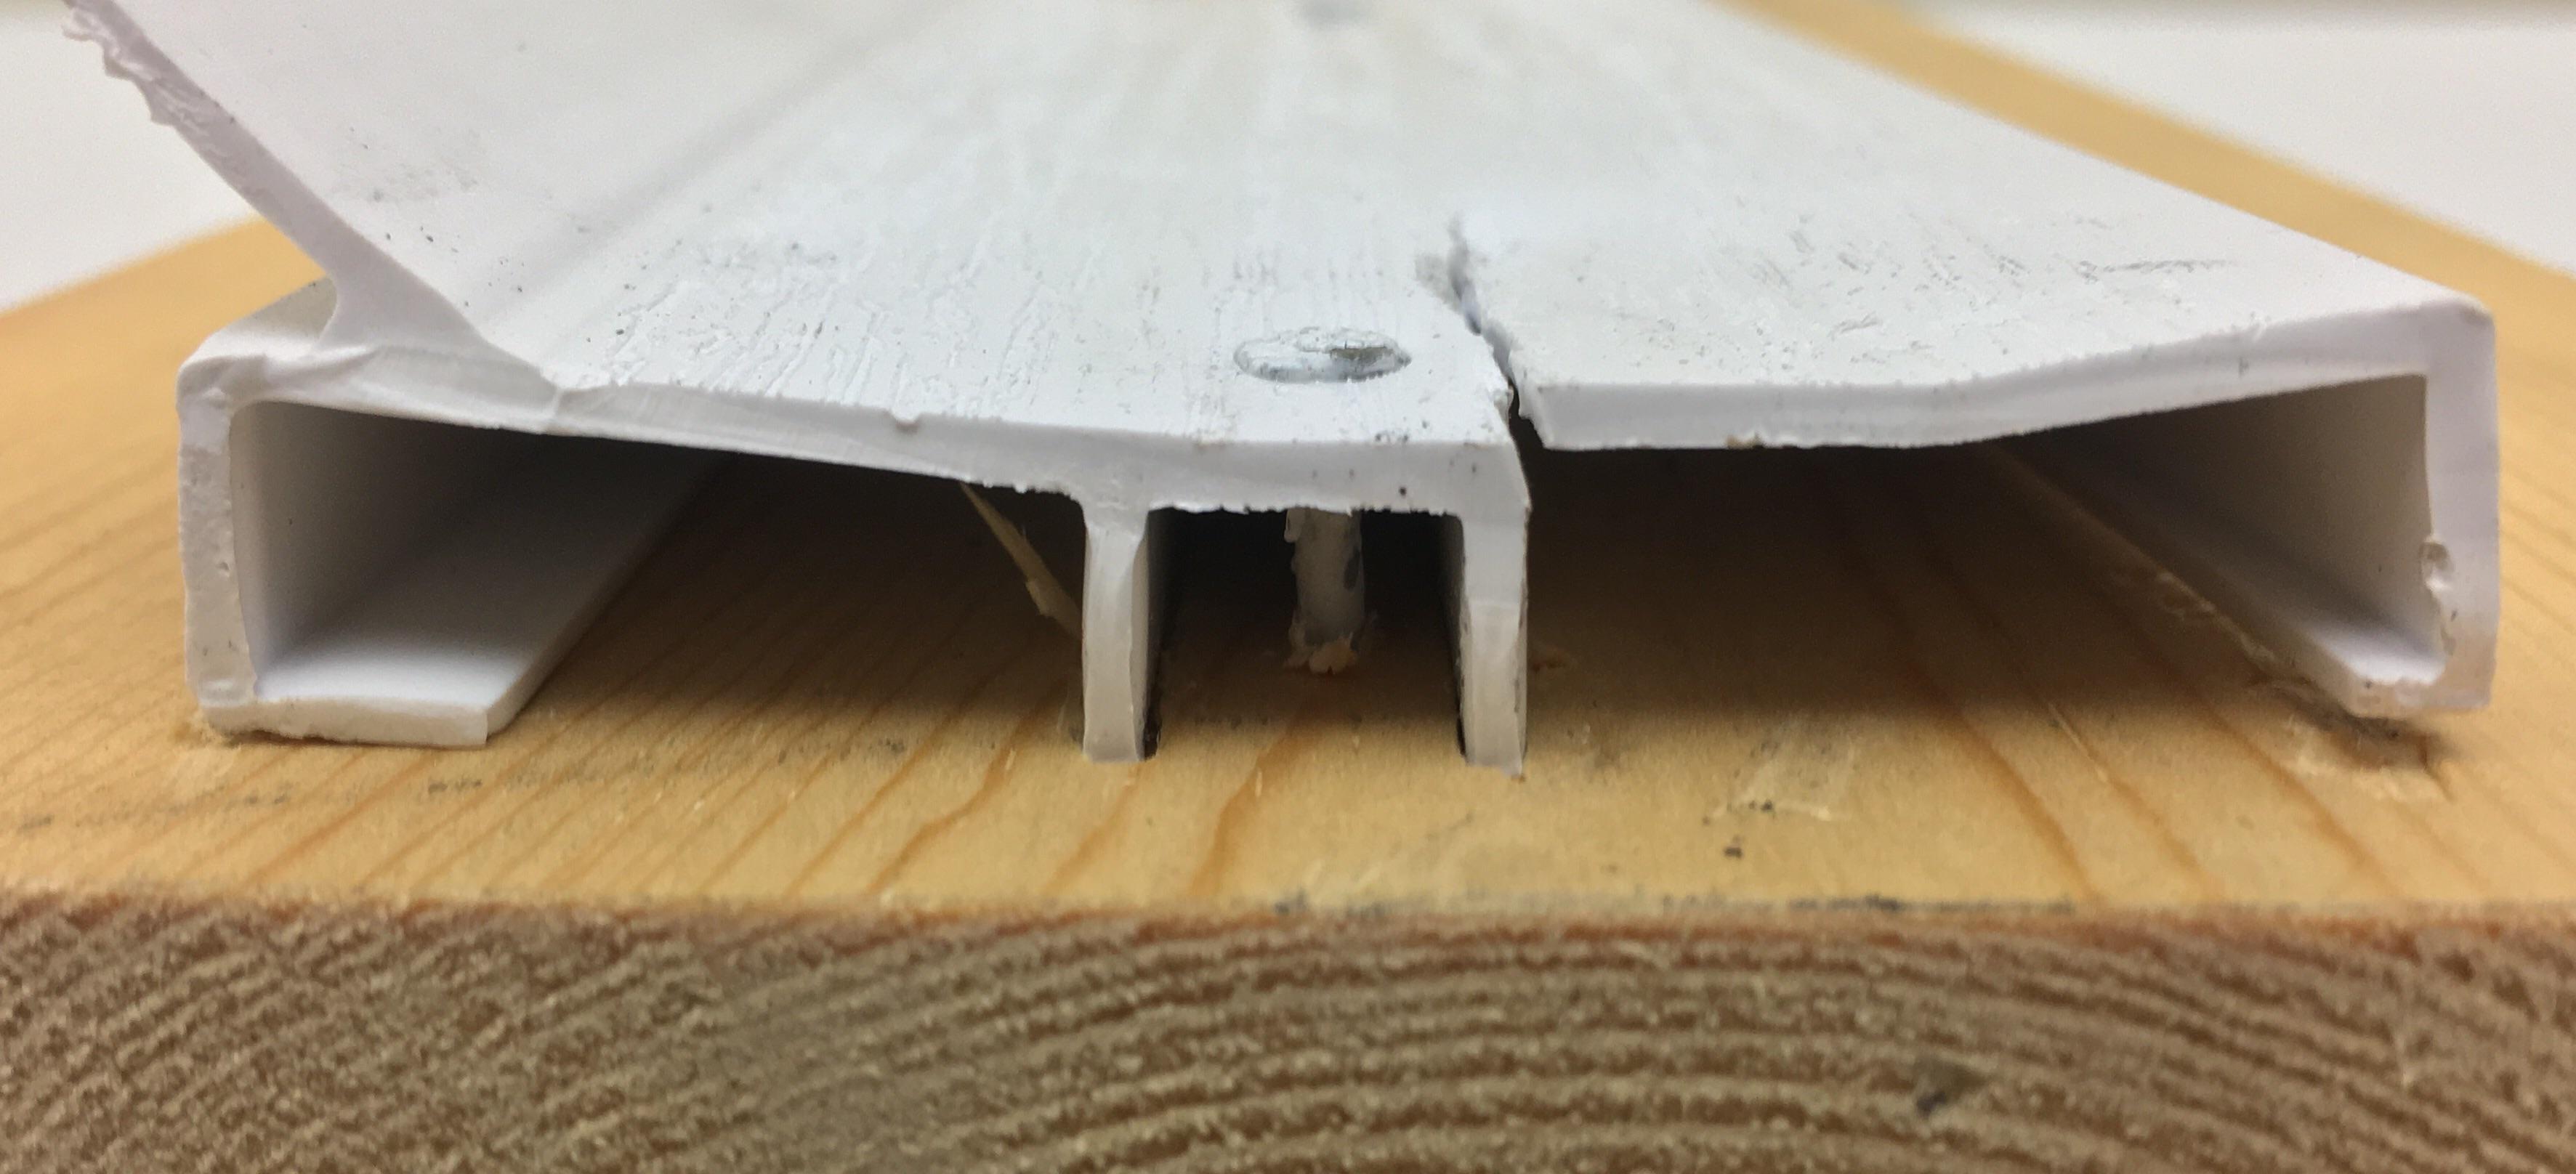 Solid Or Hollow Stop Molding Dan S Garage Door Blog